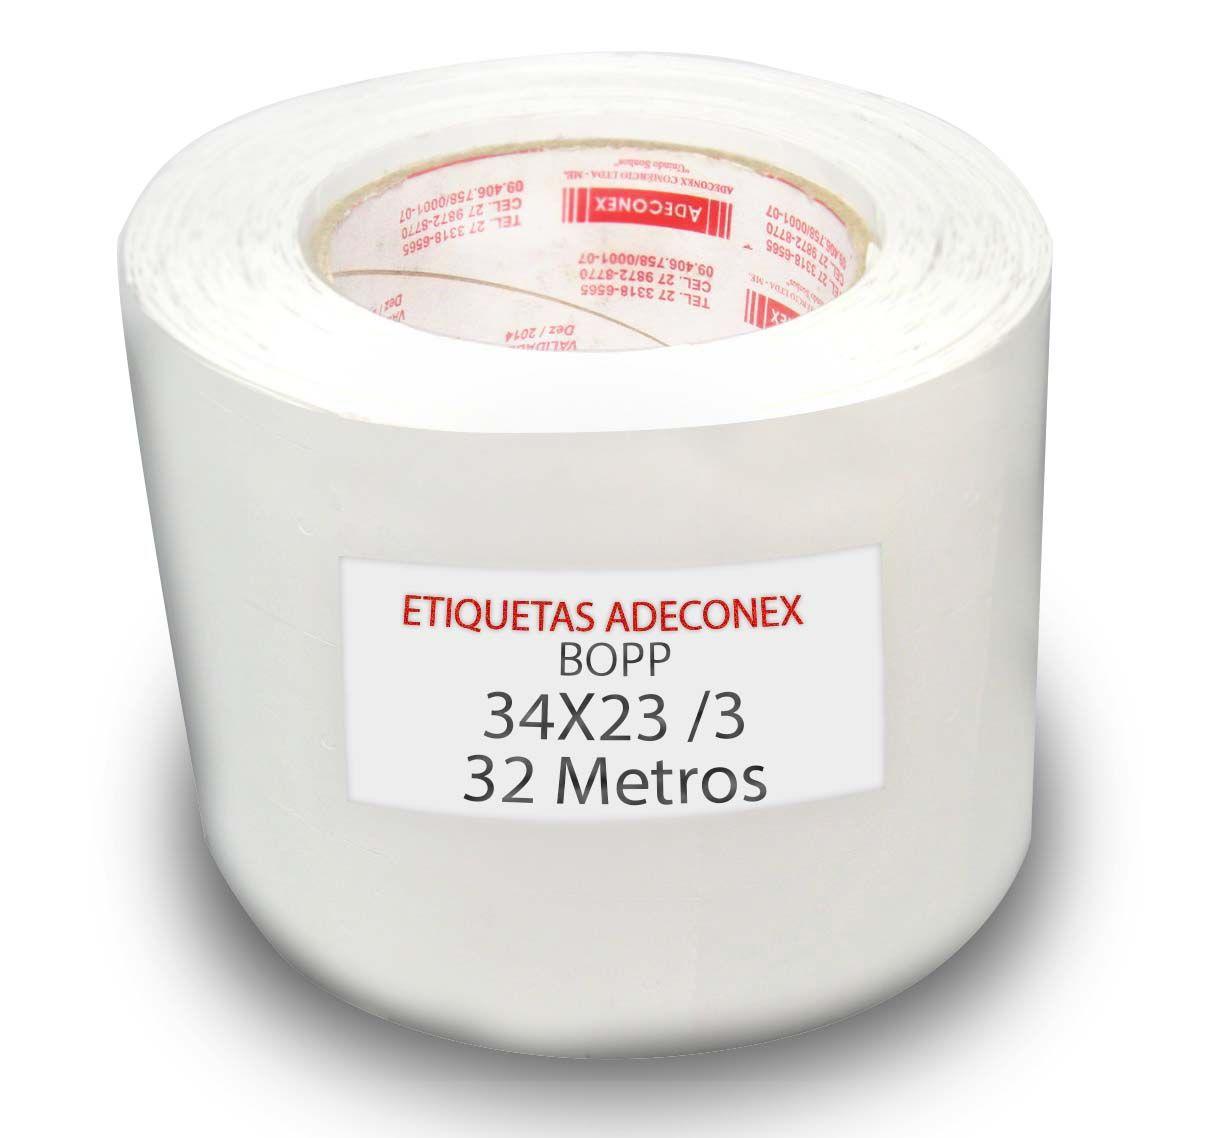 Etiqueta Adesiva BOPP 34x23 3 Colunas sem Espaçamento 32 Metros